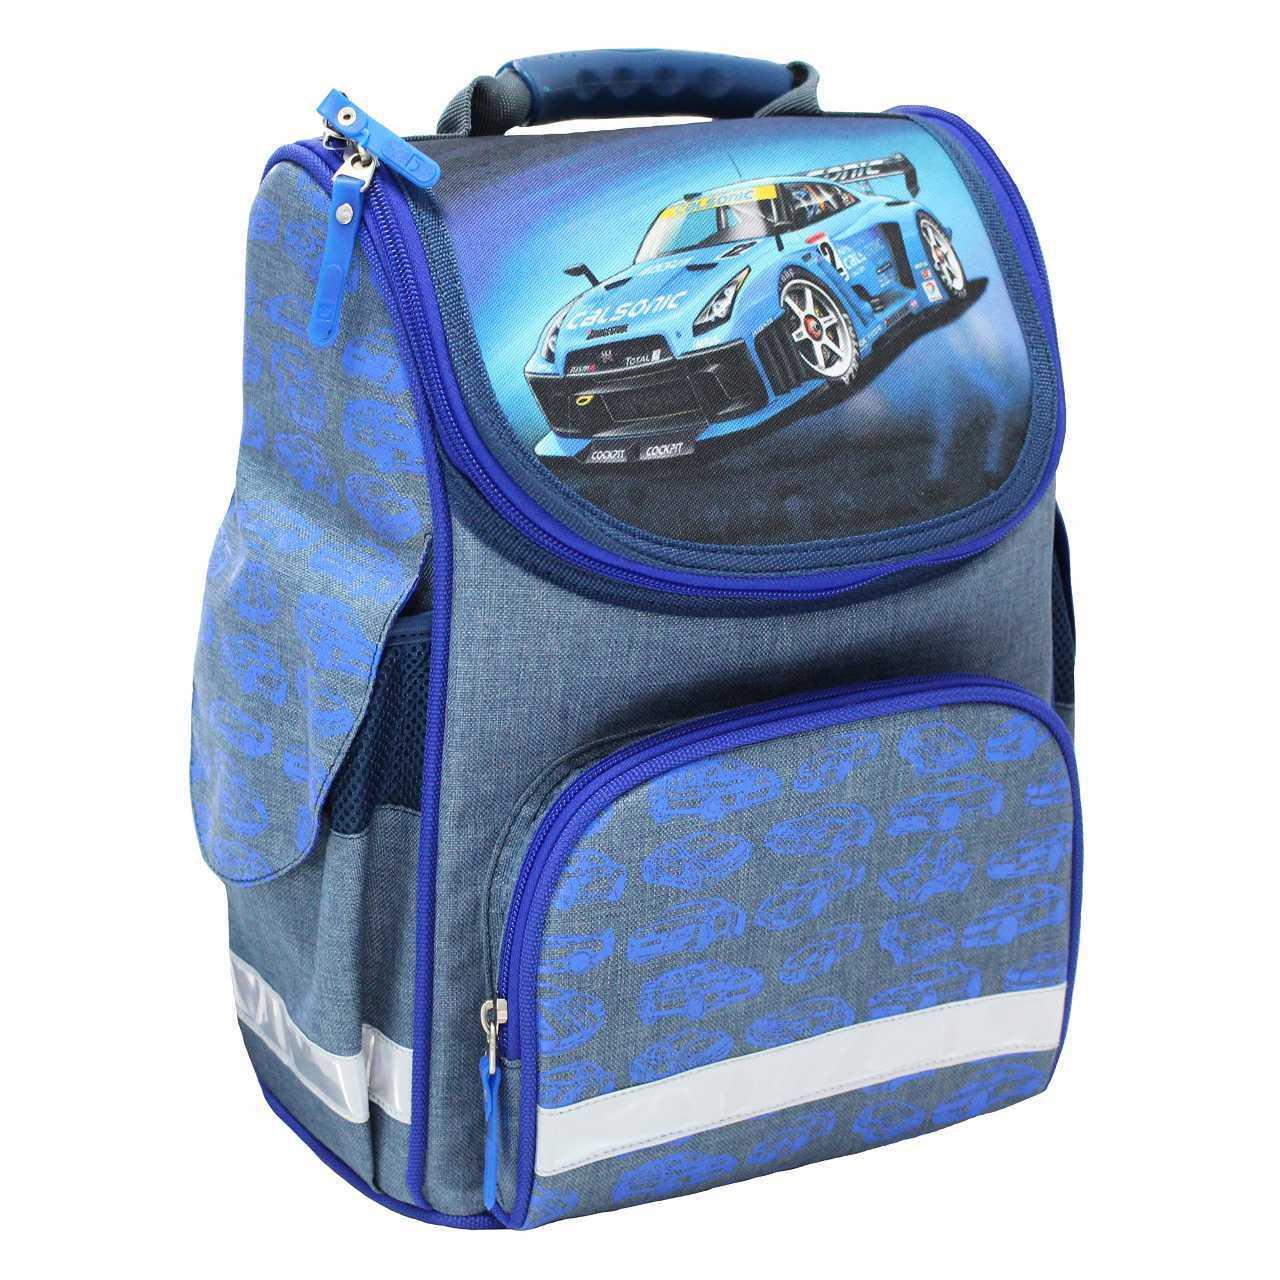 Школьные рюкзаки Рюкзак школьный каркасный Bagland Успех 12 л. Синий (56м) (00551692) IMG_4739.jpg